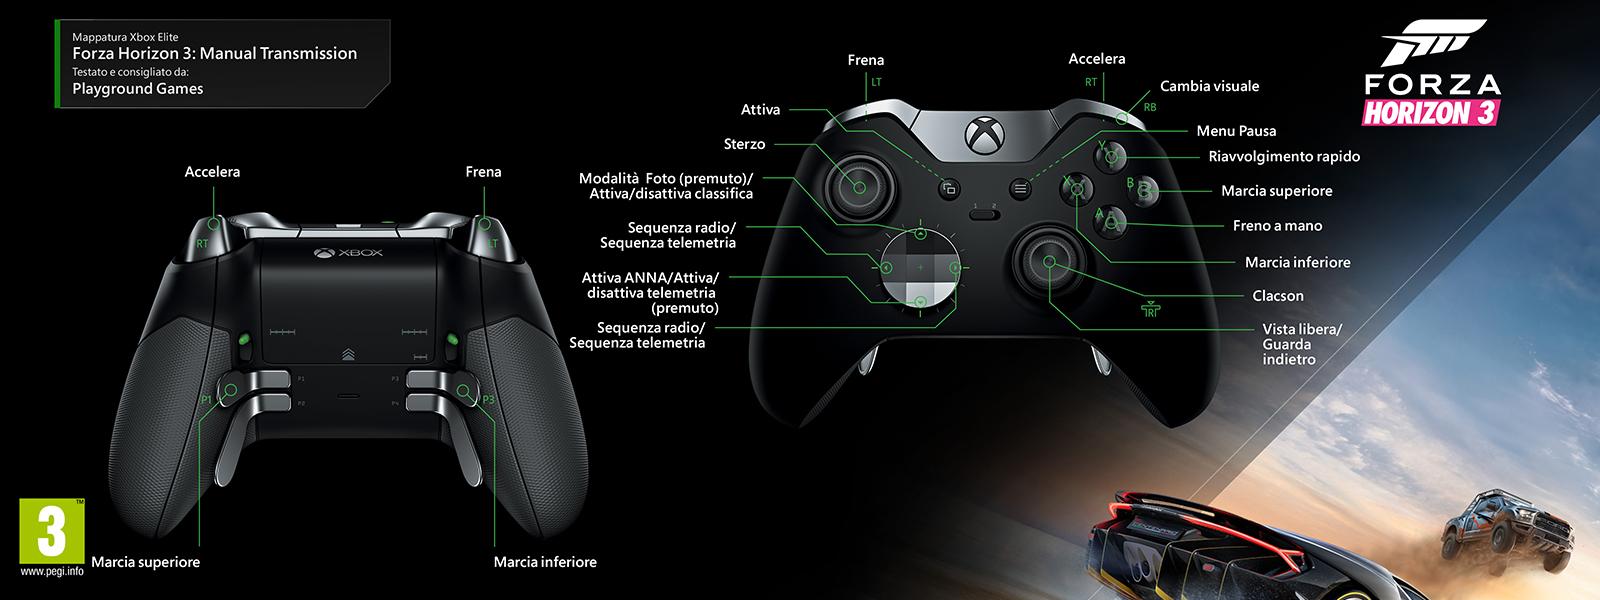 Forza Horizon 3 – Mappatura Elite per il cambio manuale